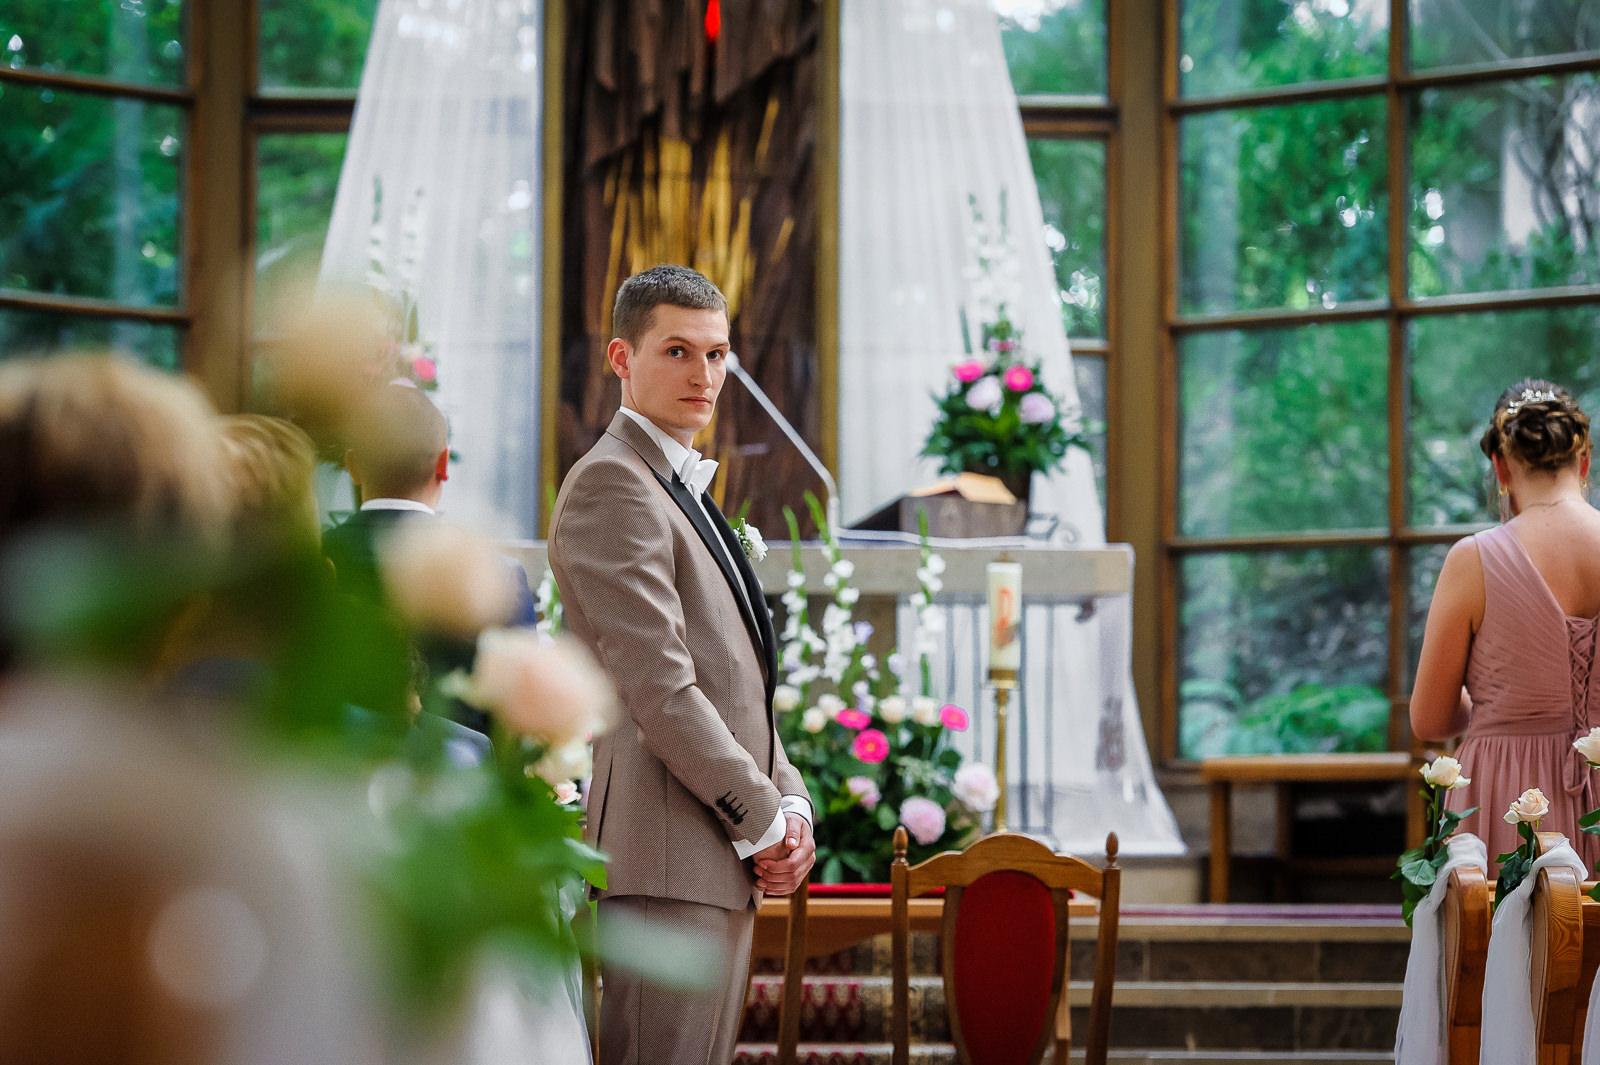 Na pamiątkowej fotografii ślubnej doskonale widać emocje Pana młodego oczekującego na swoja wybranką przy ołtarzu Fotograf Ślubny Gdańsk Sopot Gdynia Rafał Kowalski